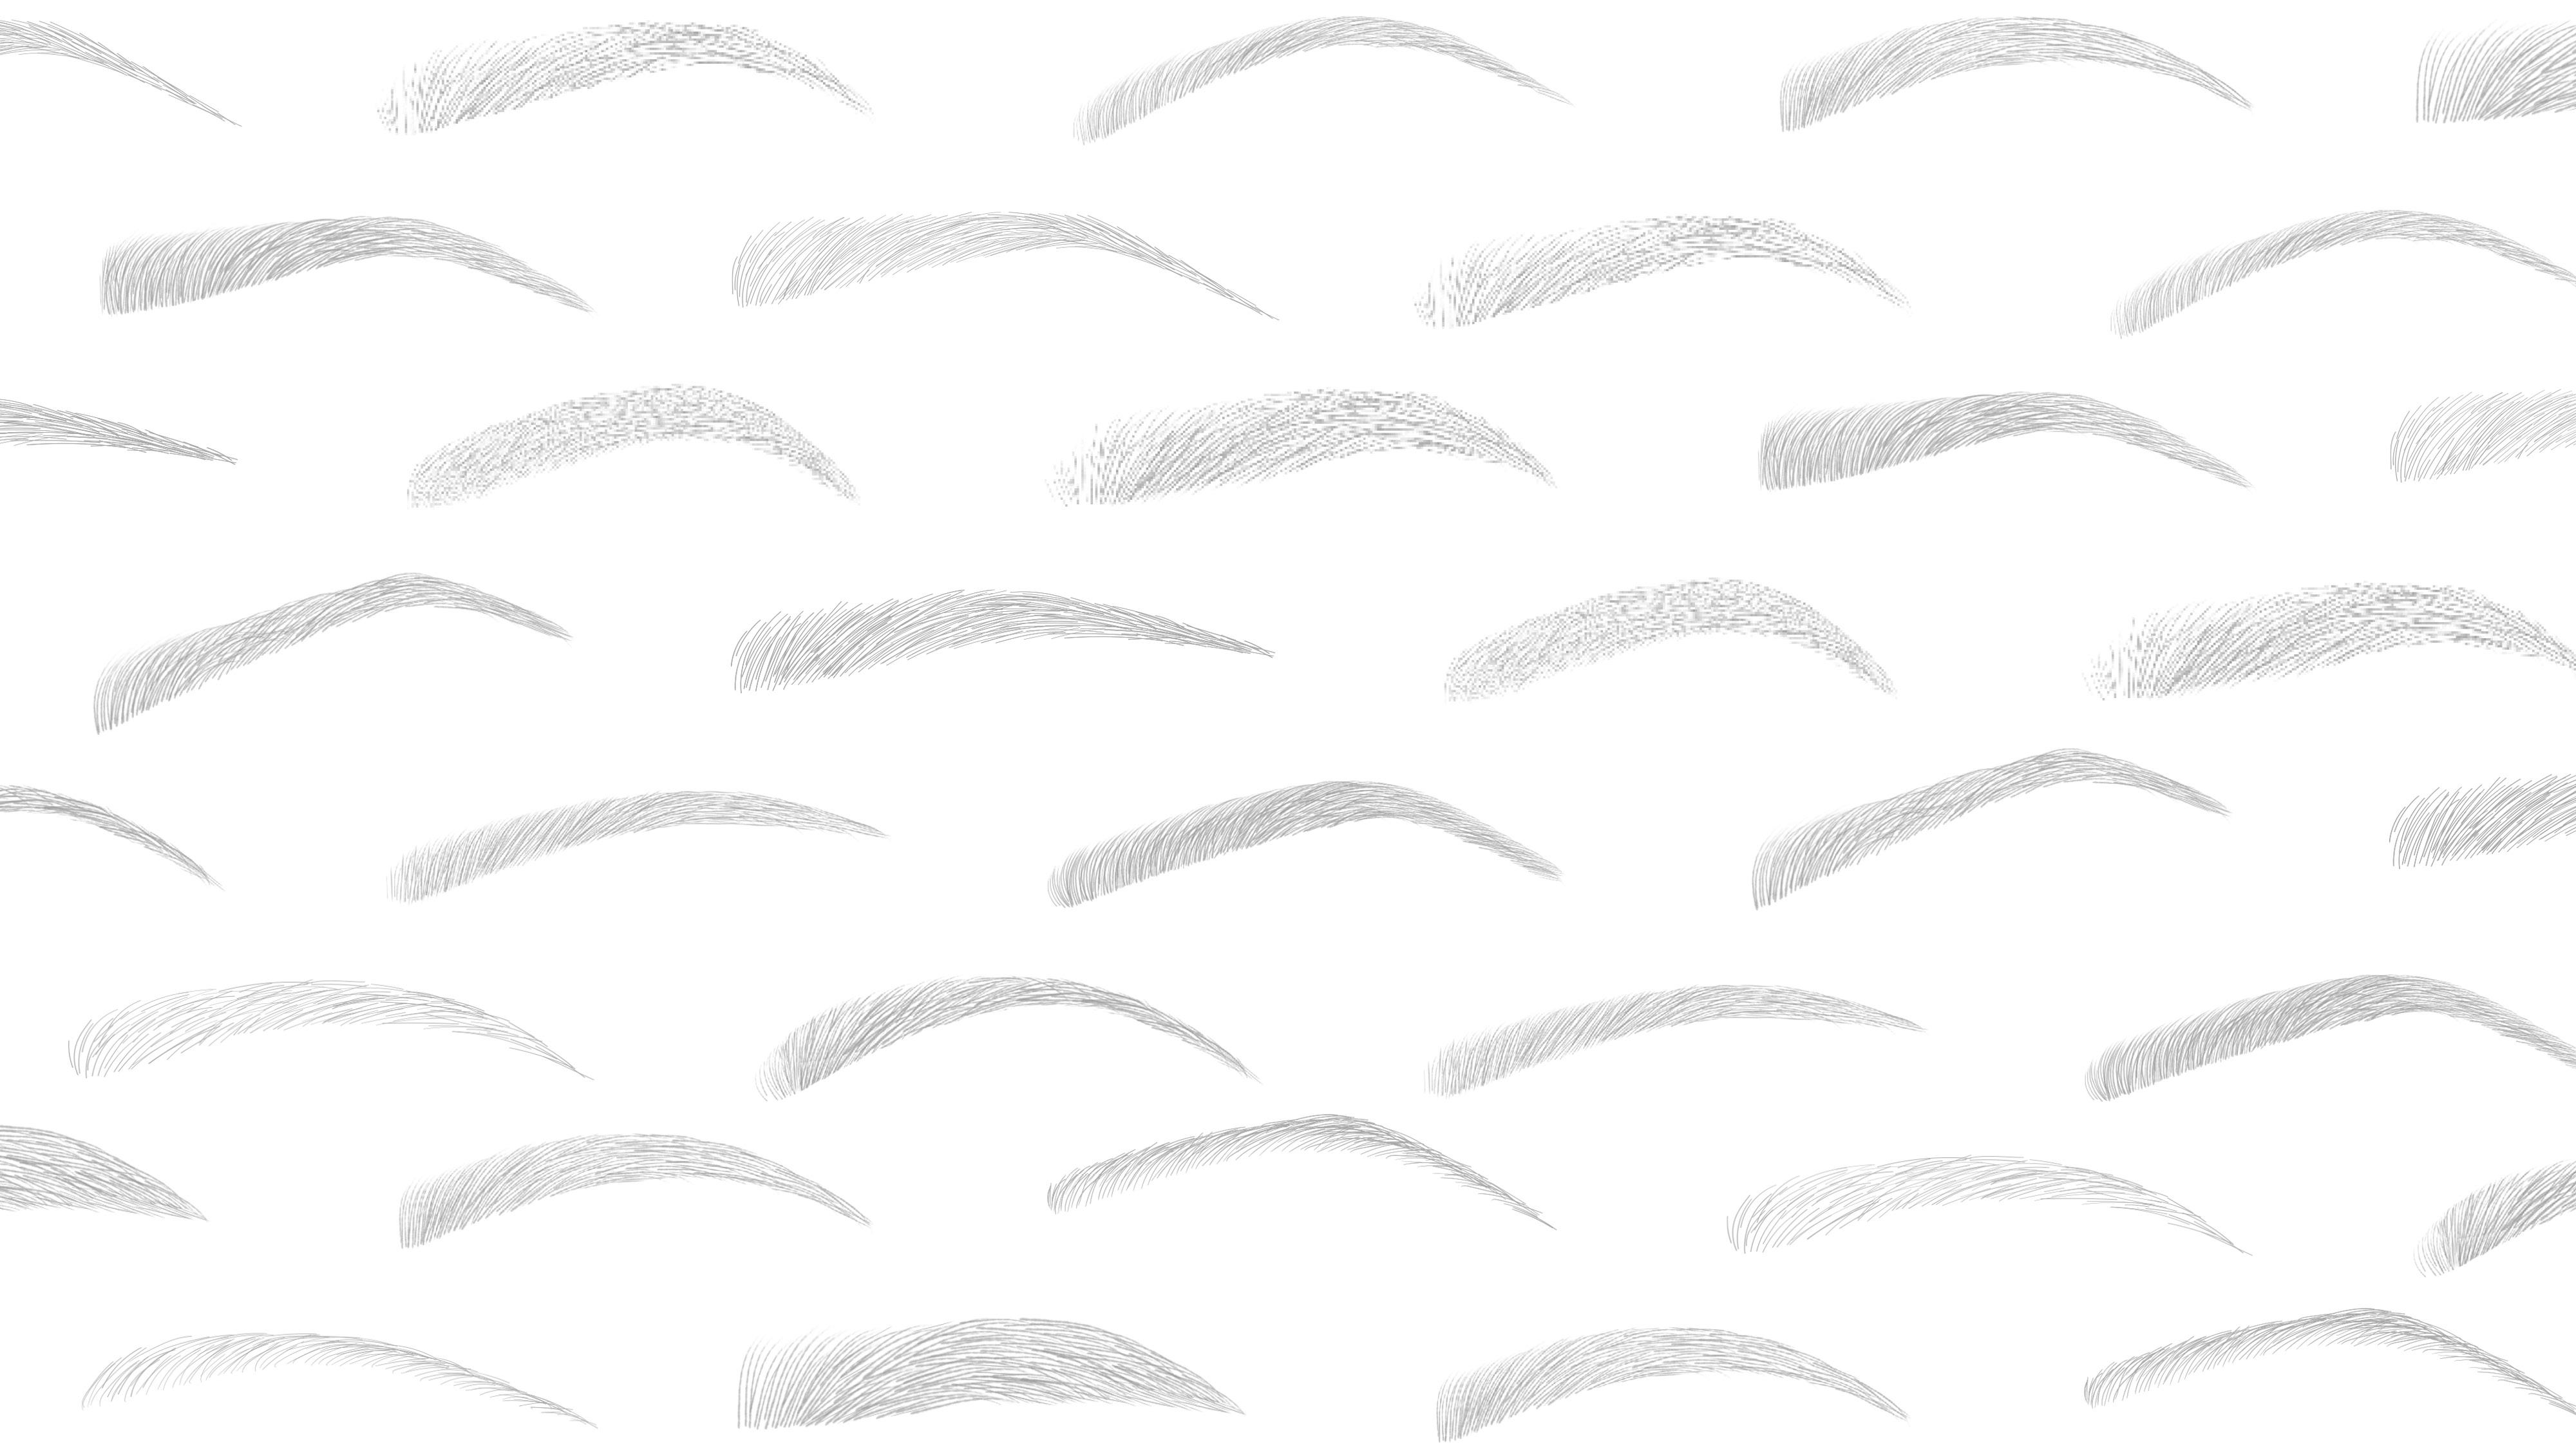 needles, hair, strokes, eyebrows, microblading